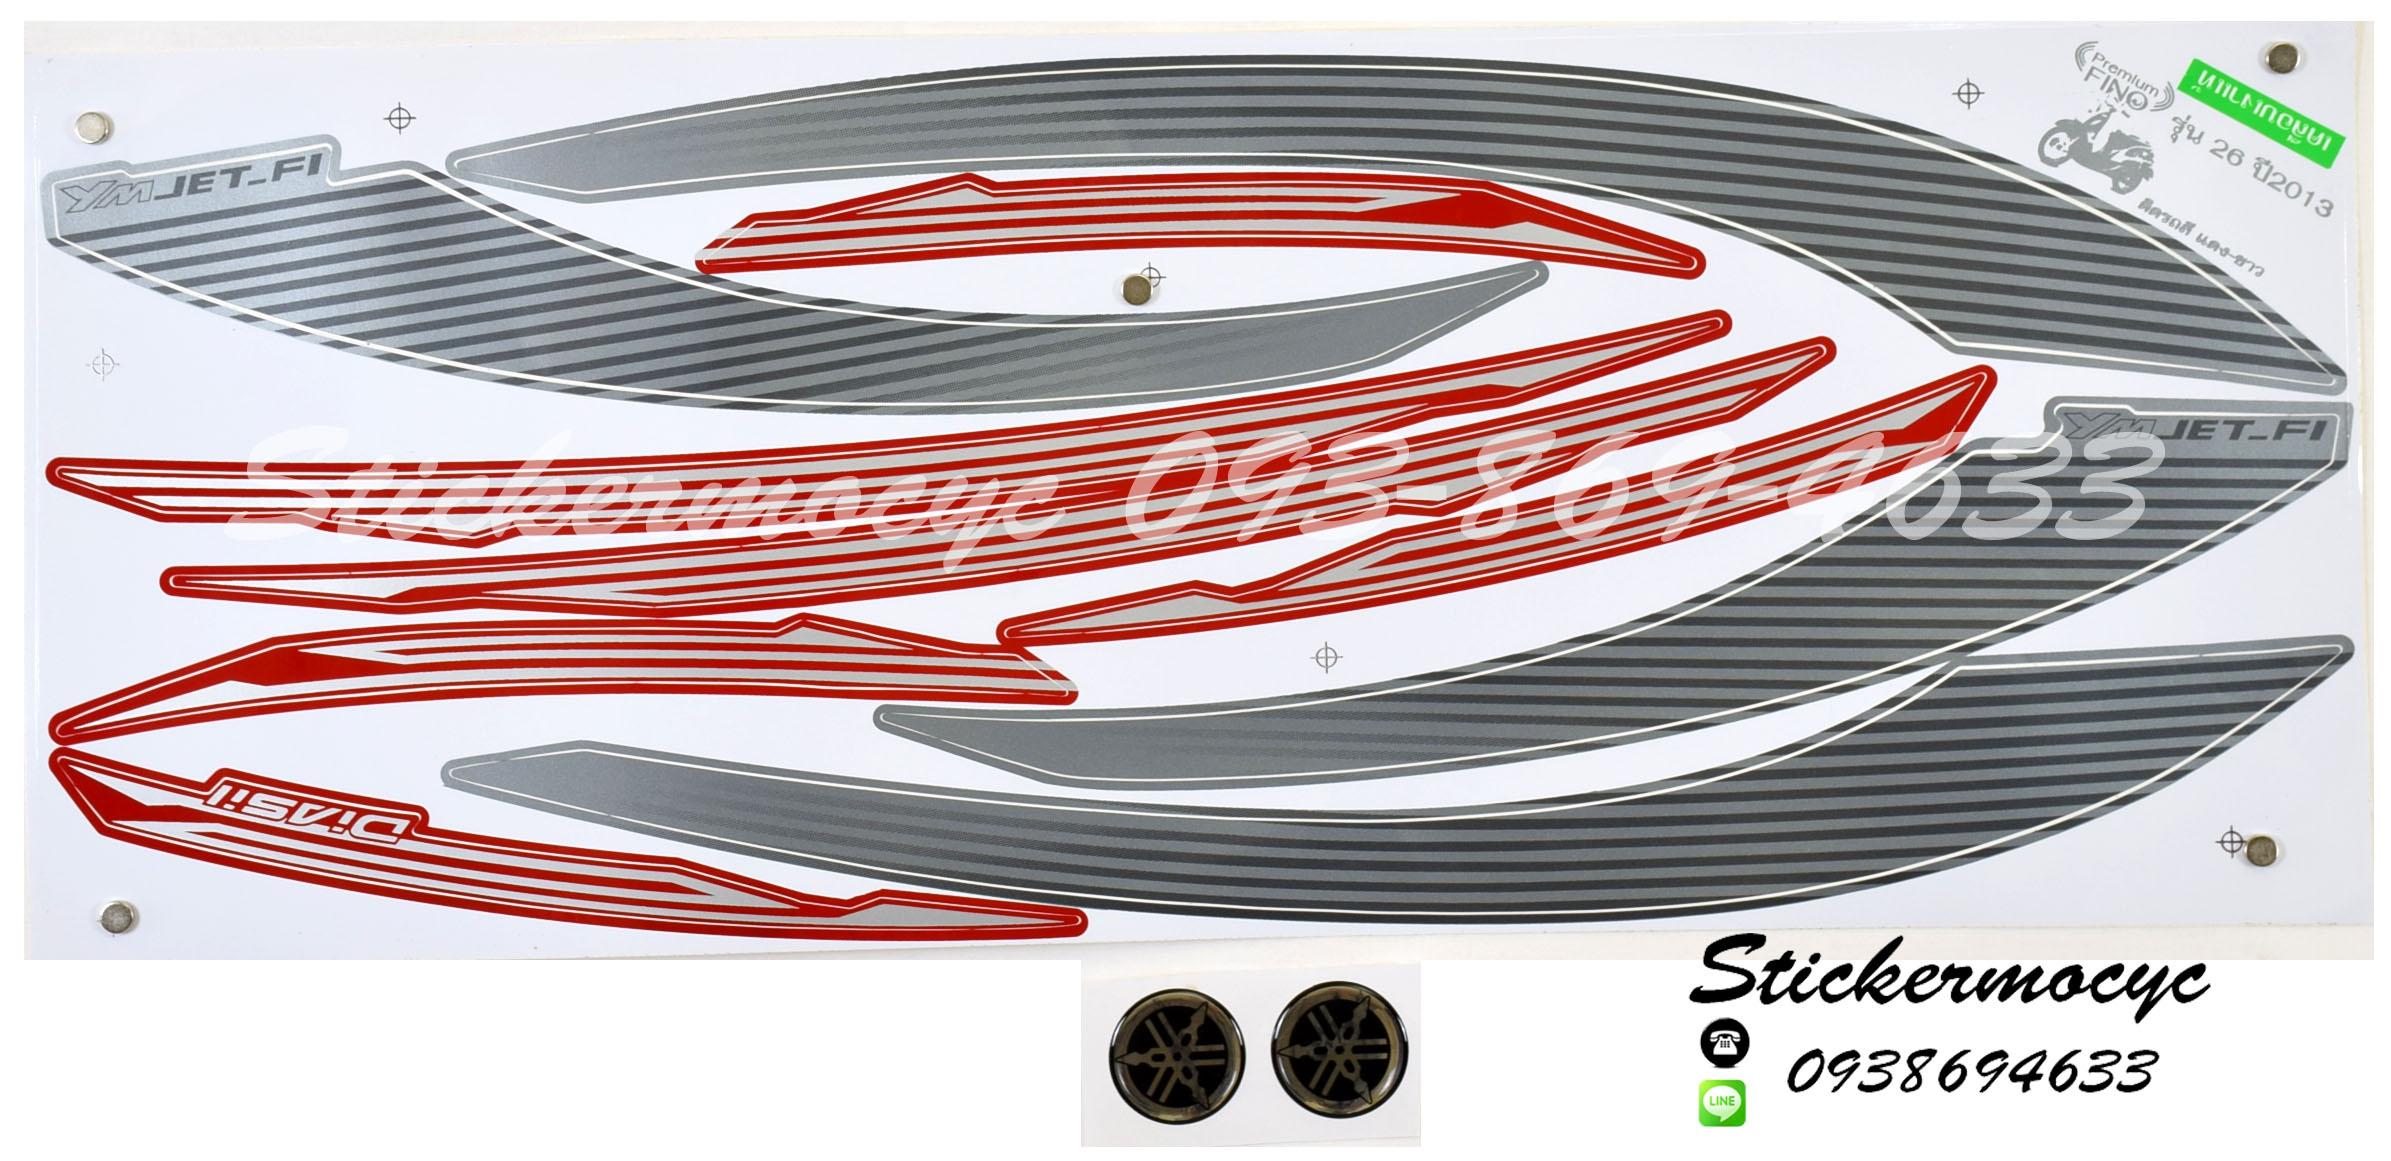 สติ๊กเกอร์ Yamaha Fino ปี 2013 รุ่น 26 Premium ติดรถสี แดง ขาว (เคลือบเงา)